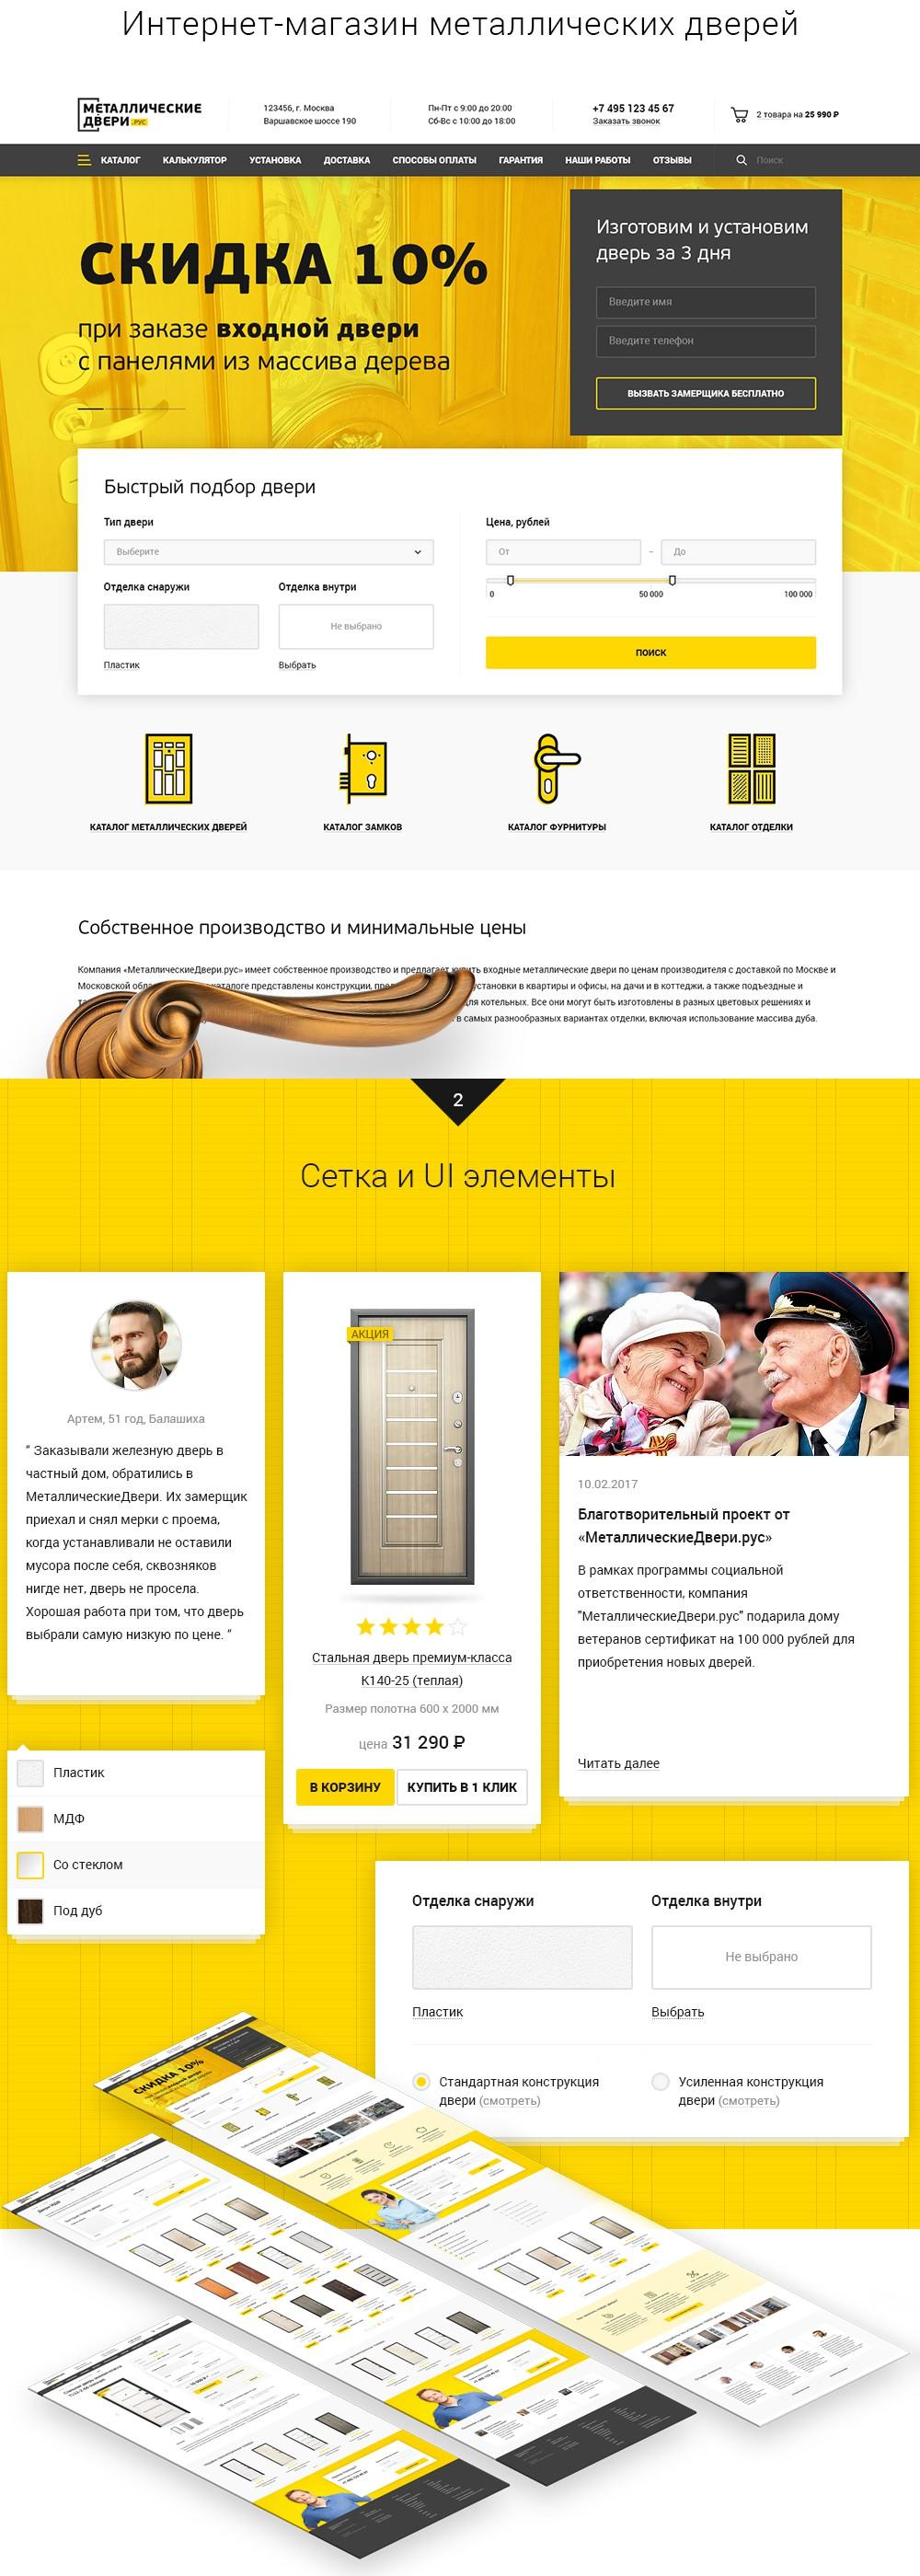 Metaldoors.ru